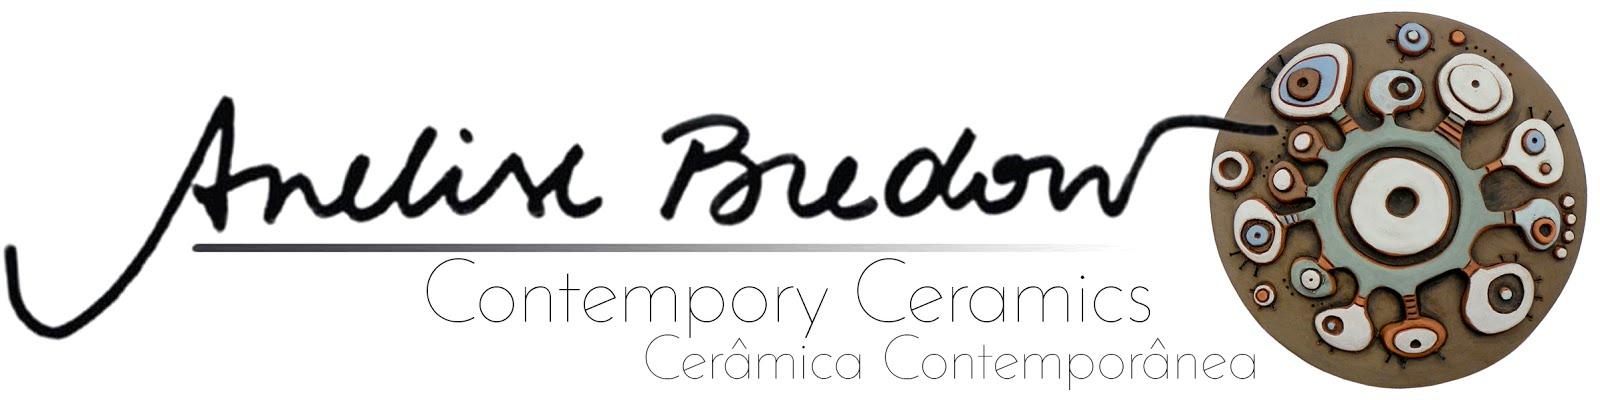 Anelise Bredow - Ateliê de Cerâmica